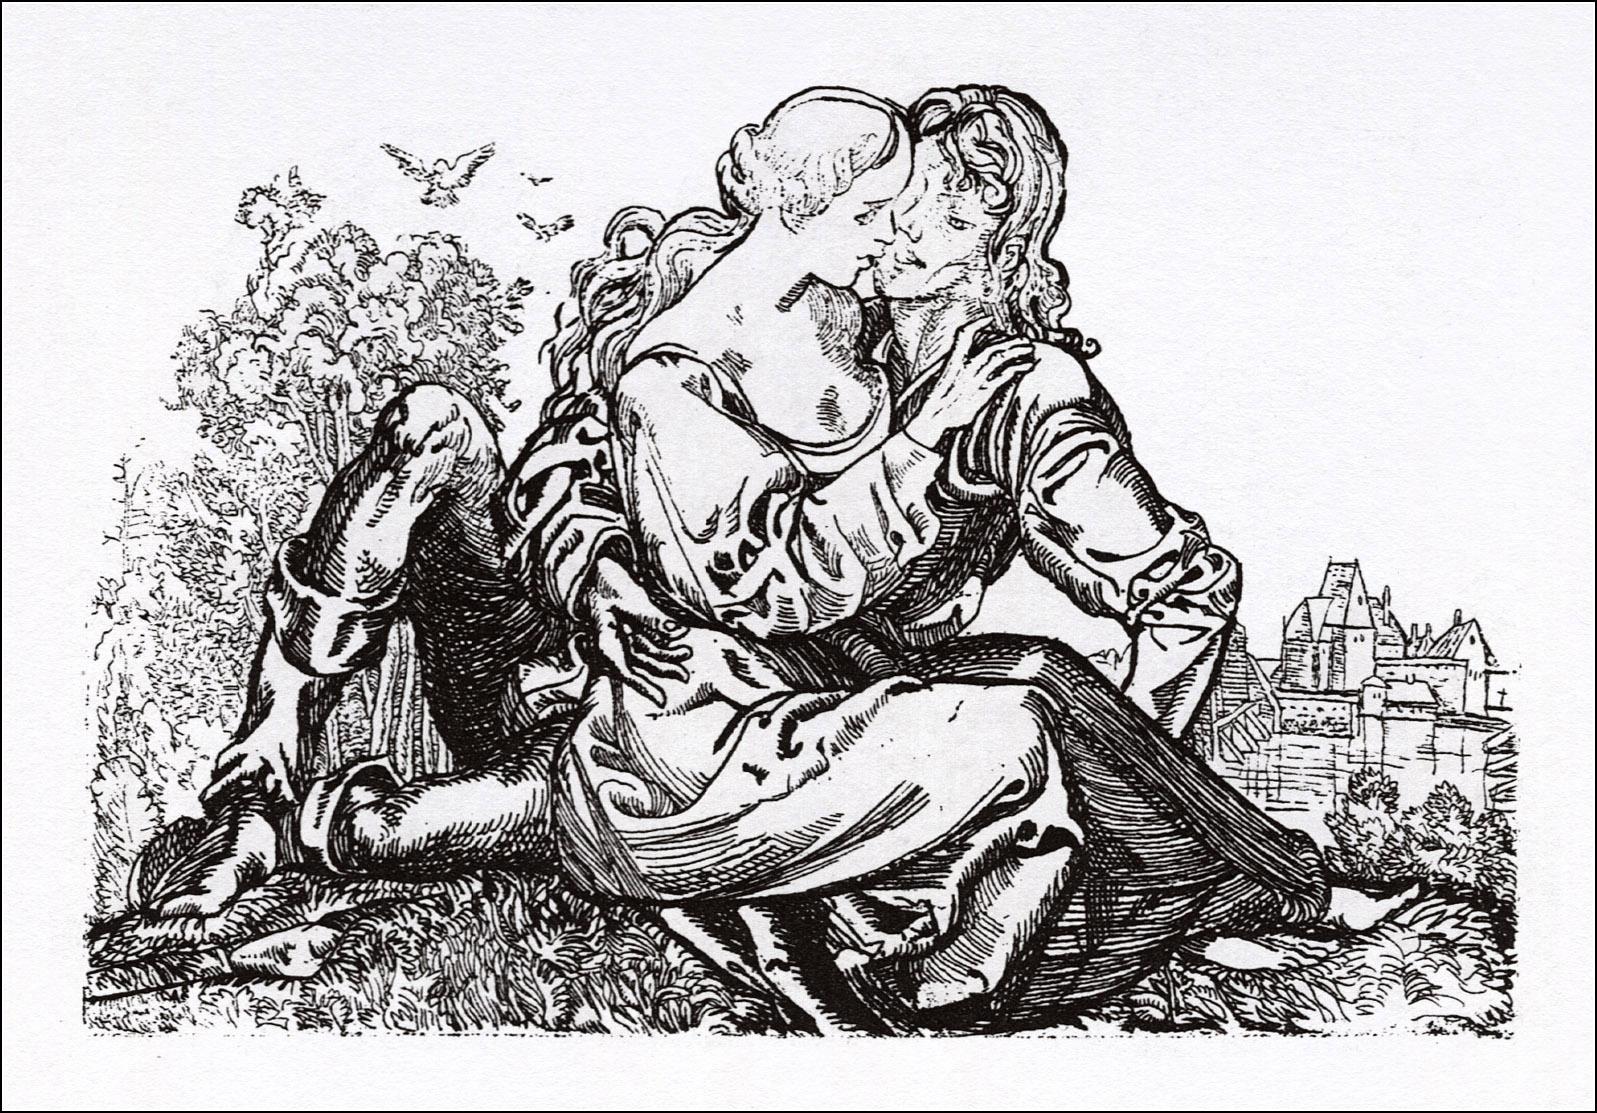 Легенда про героїчні,веселі і славетні пригоди Уленшпігеля